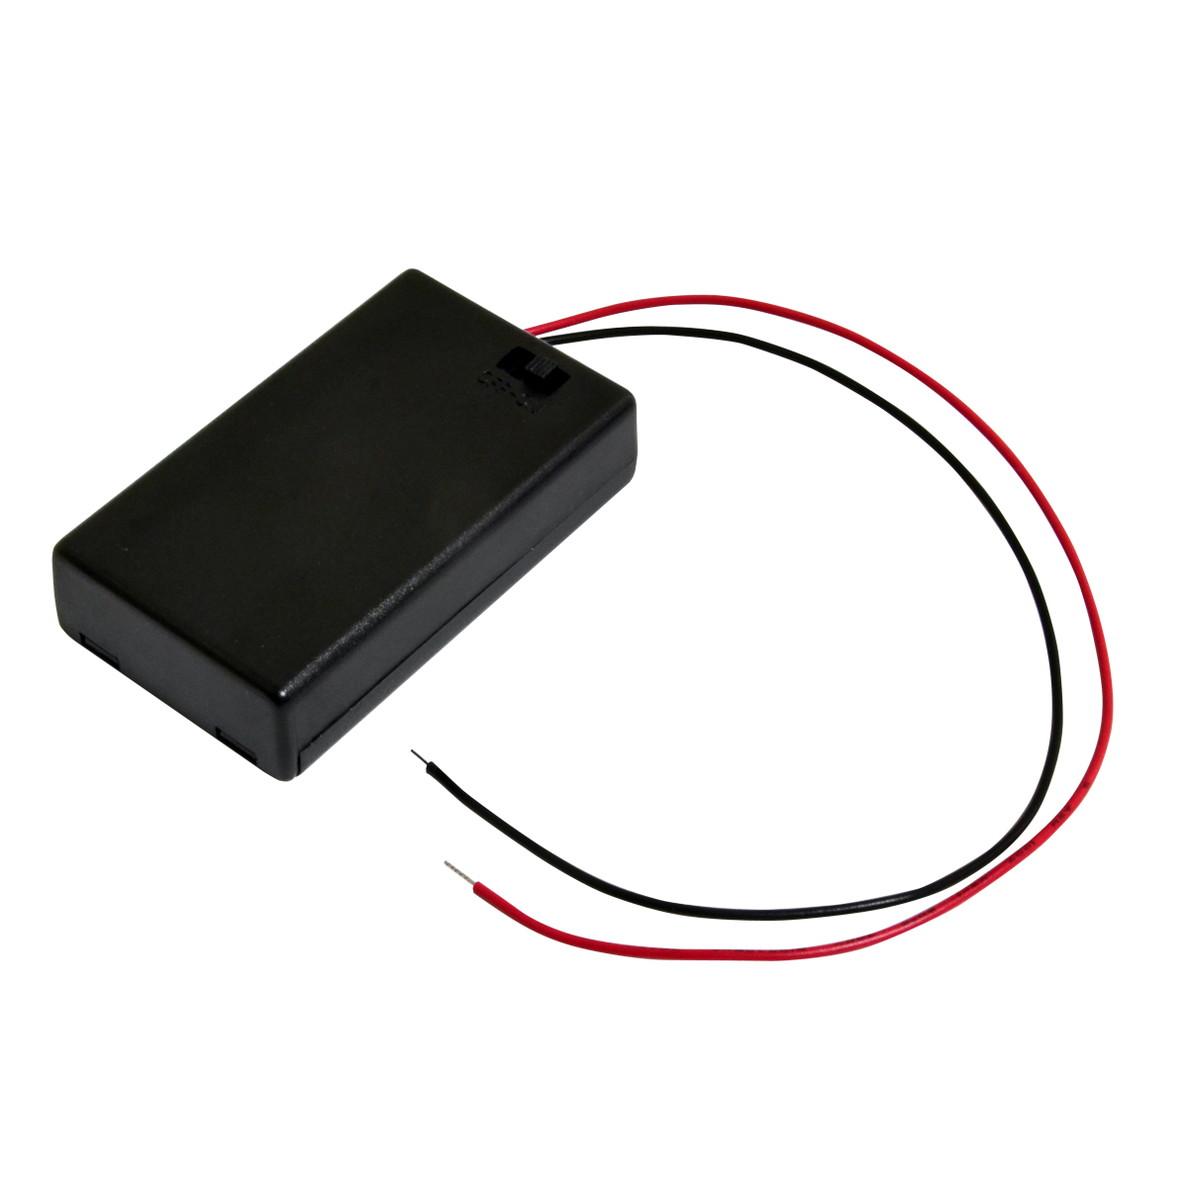 6474(1個) 電池ボックス 単4乾電池×3本 (SBH-431-1AS) フタ・スイッチ付 ケーブル20cm